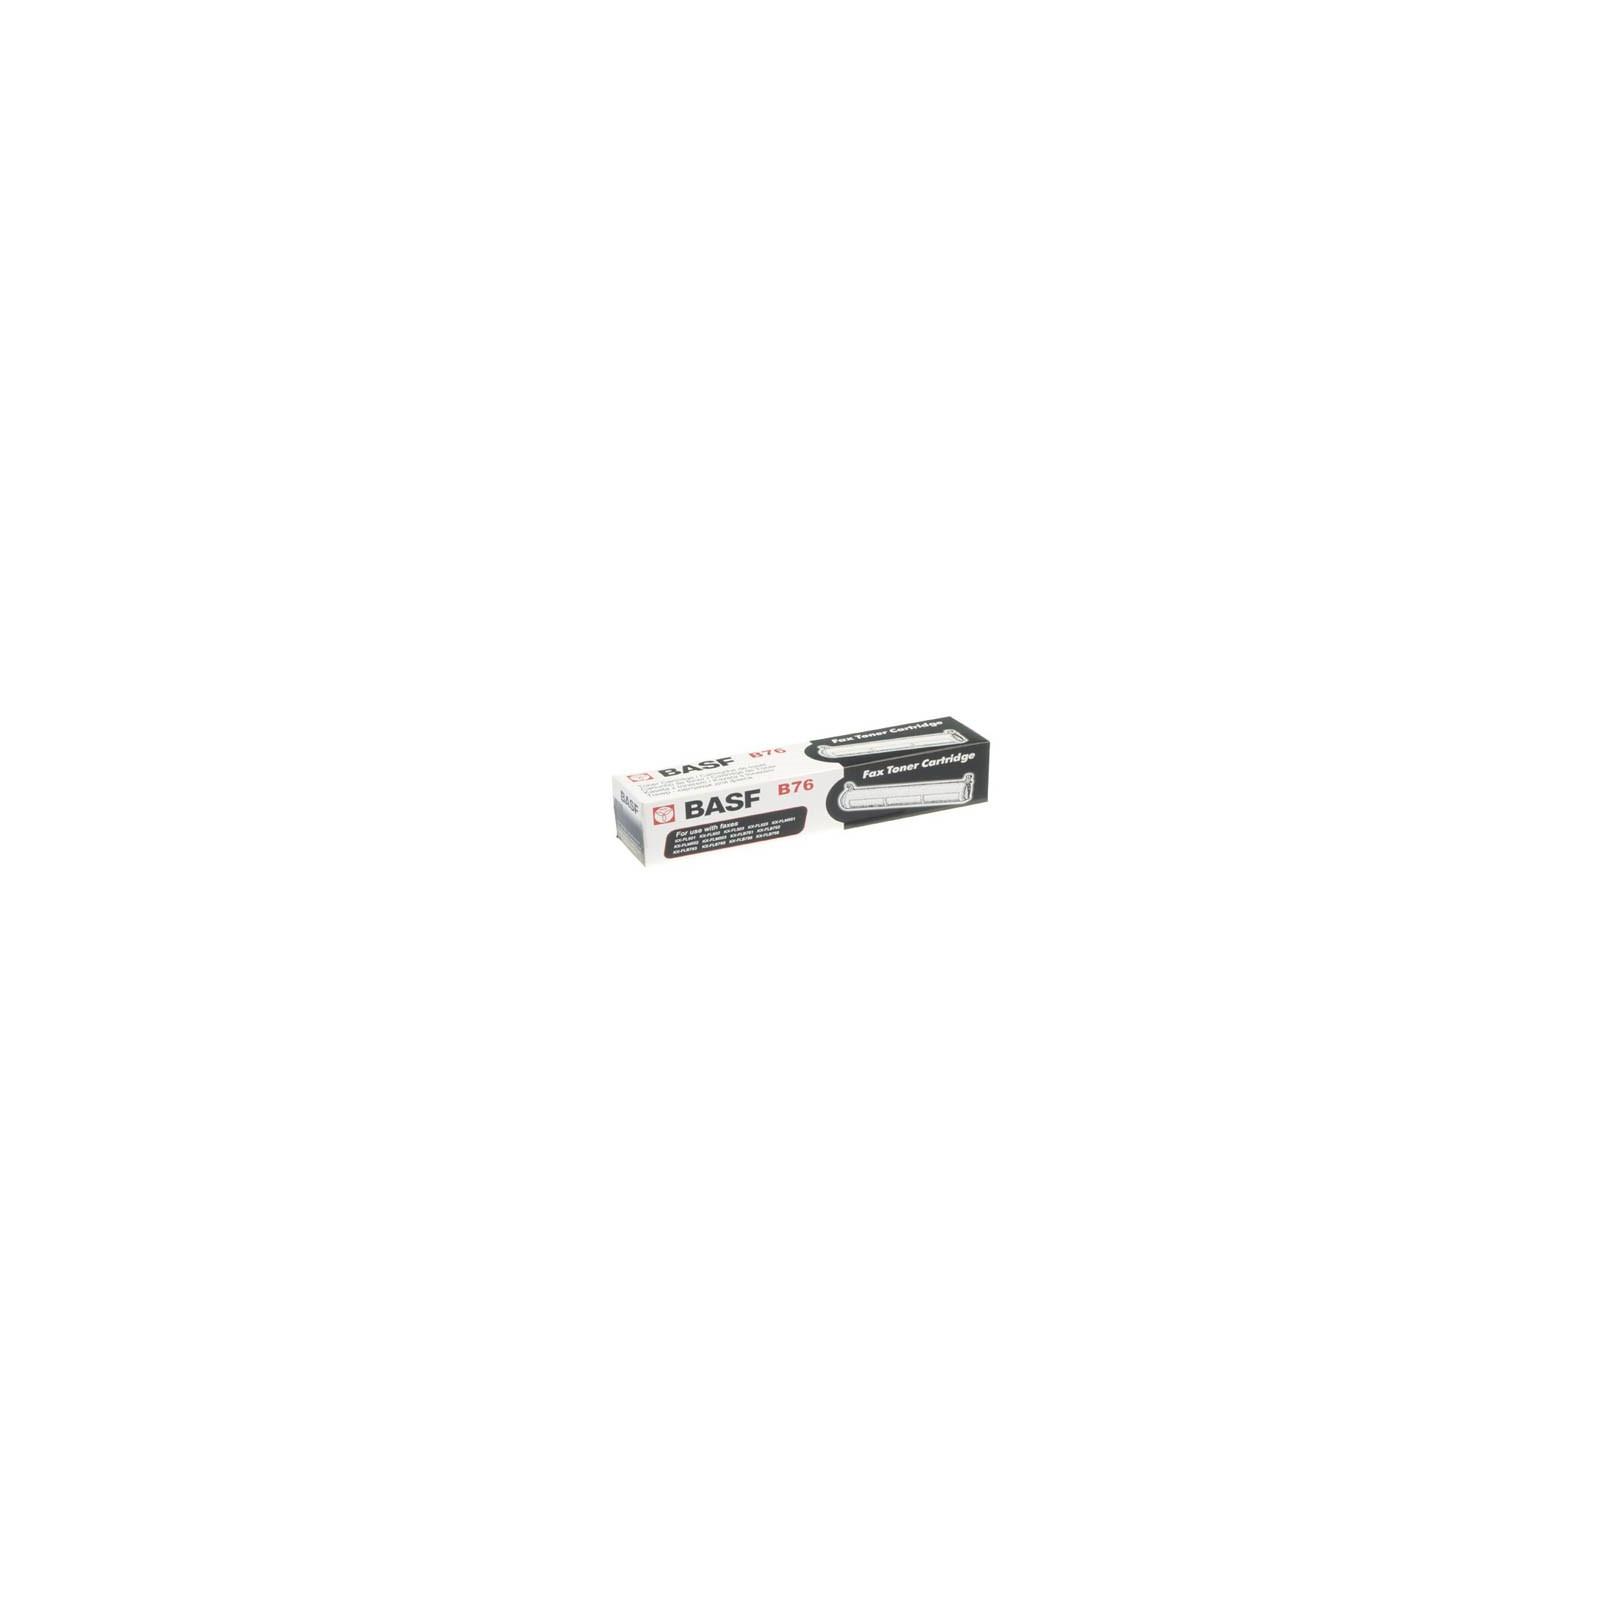 Картридж BASF для Panasonic KX-FL501/502/503 (B-76)